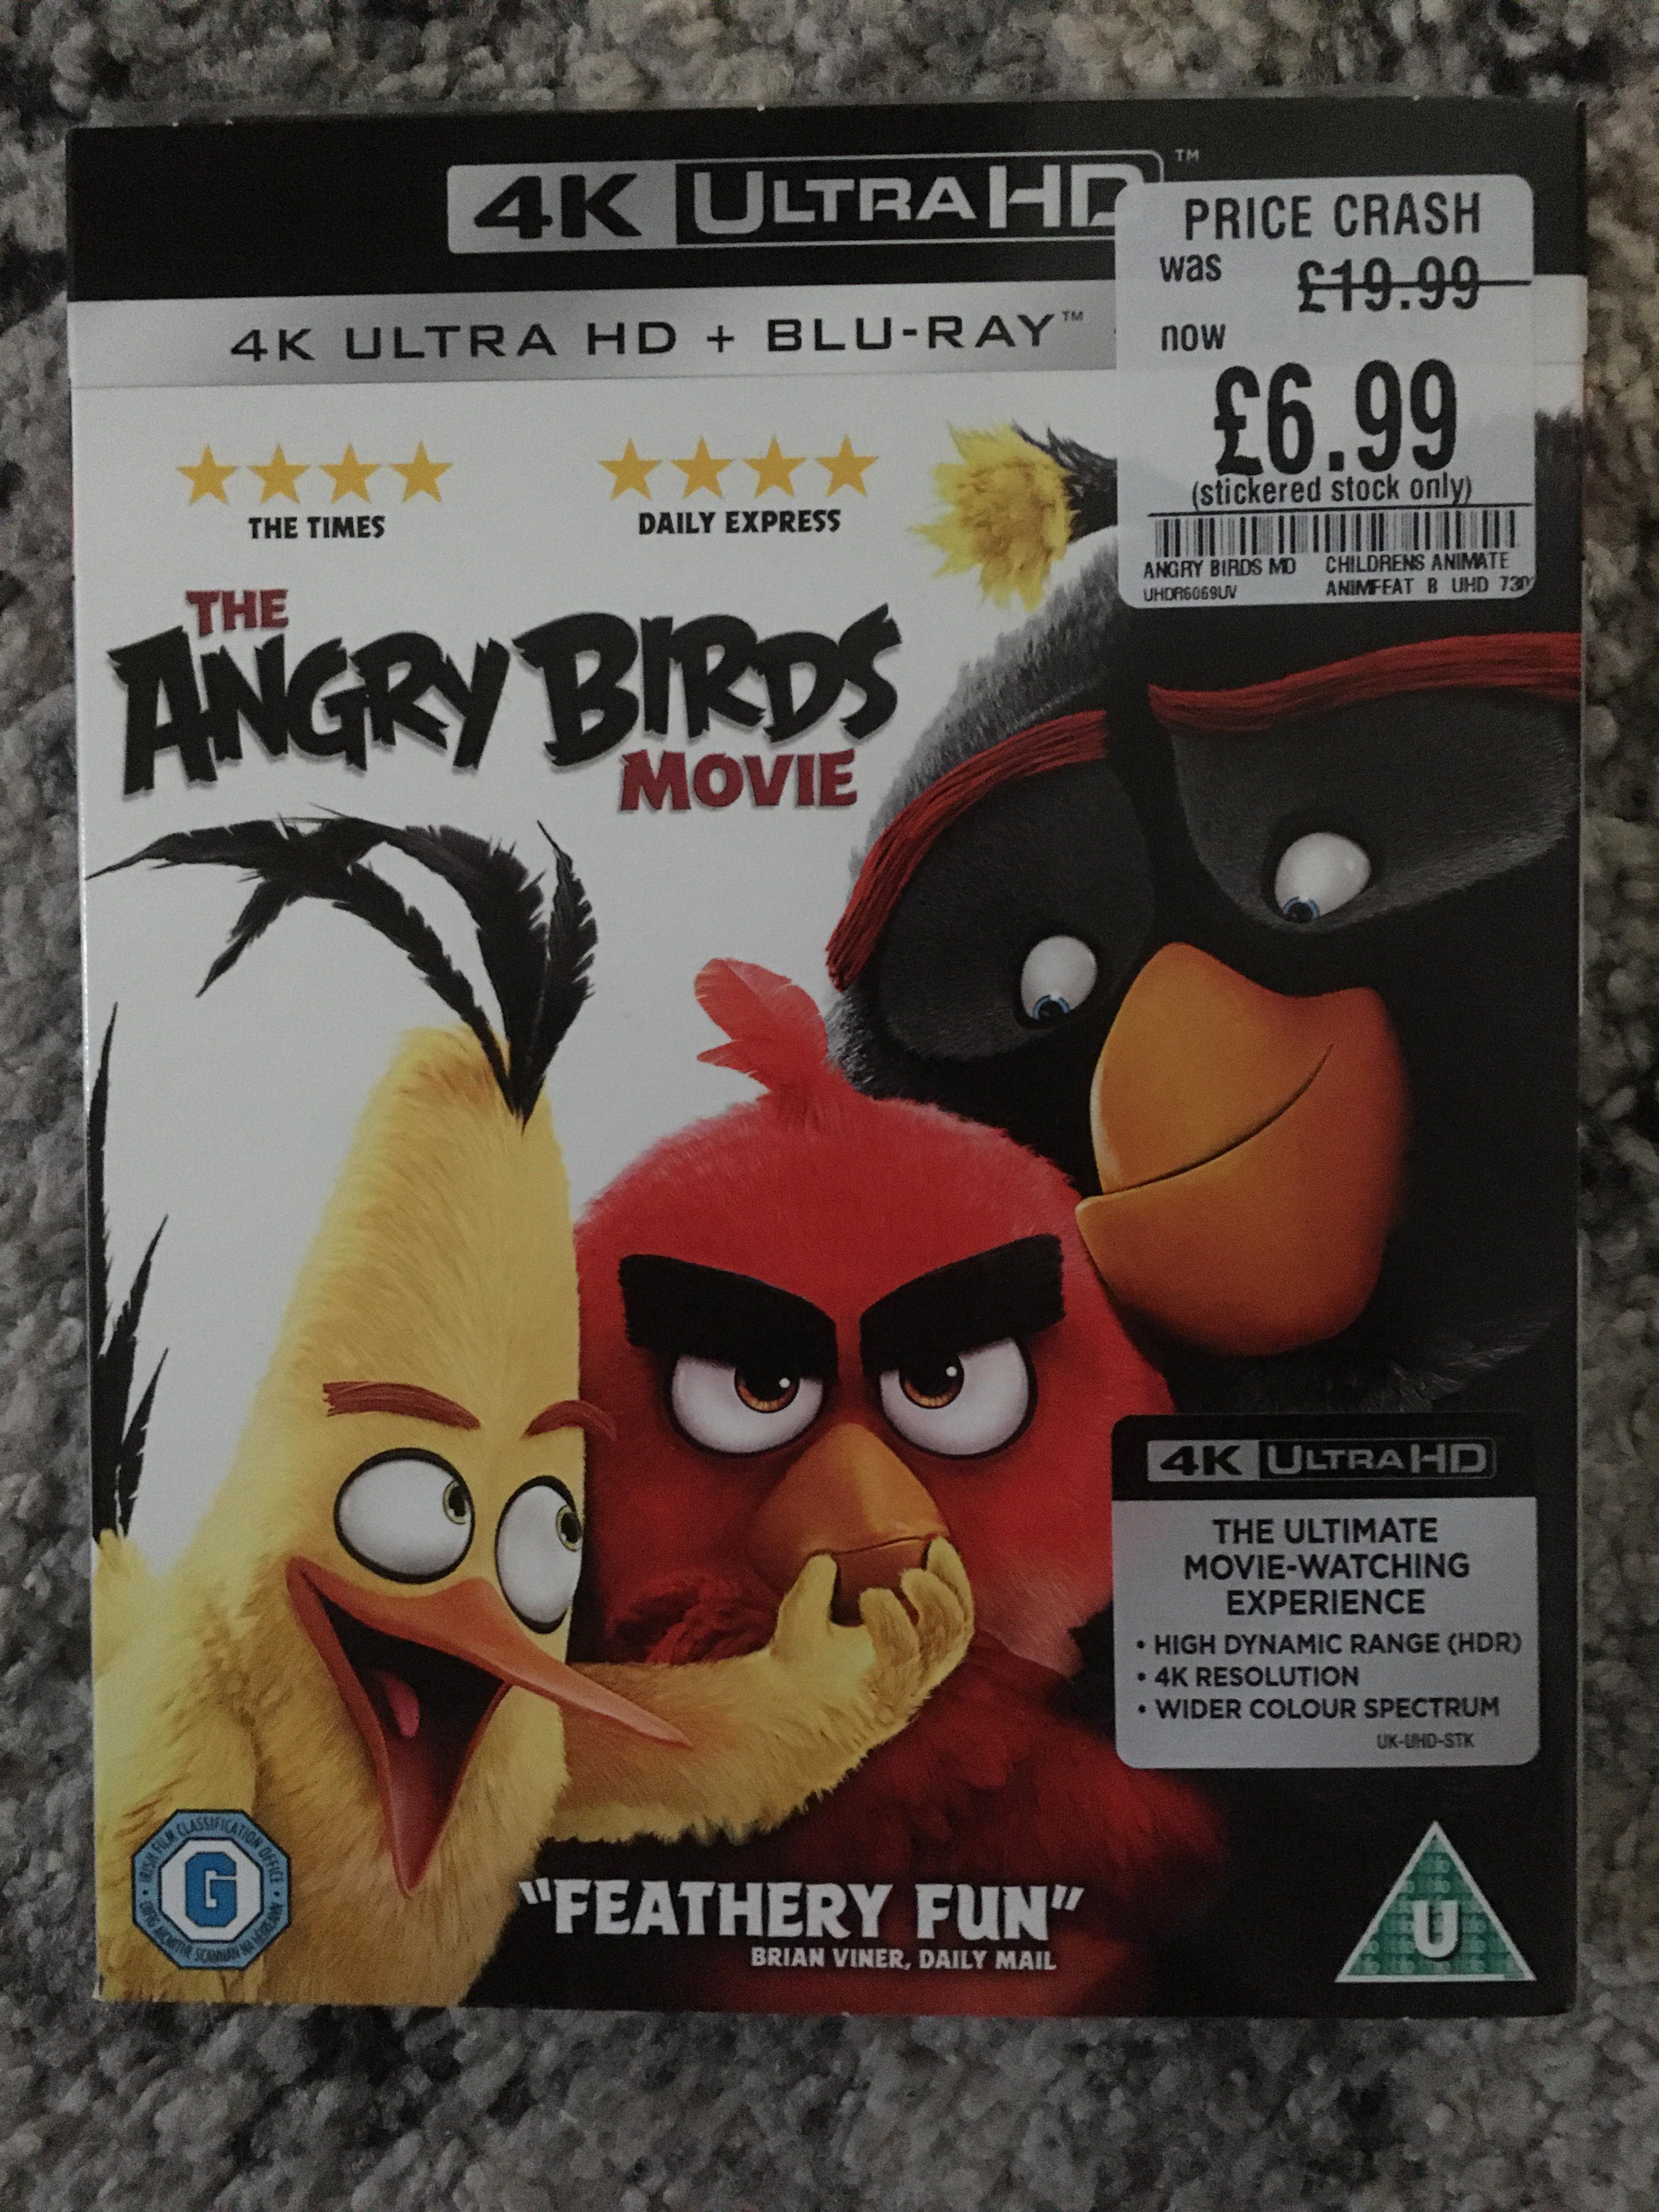 The Angry Birds Movie 4K UHD @ £6.99 - HMV Harrogate Instore